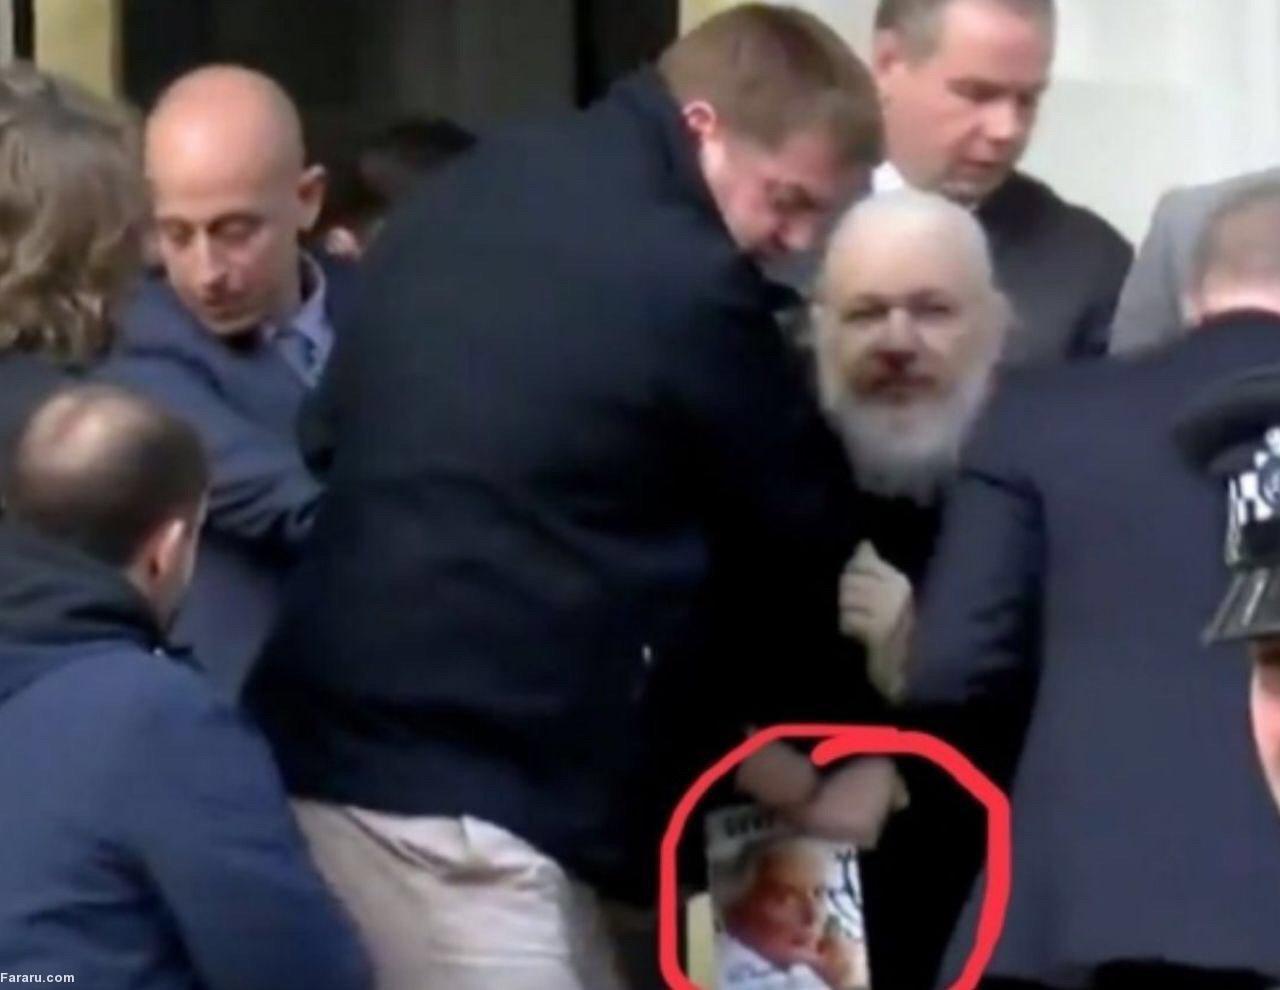 جولیان آسانژ در لحظه دستگیری چه کتابی میخواند؟